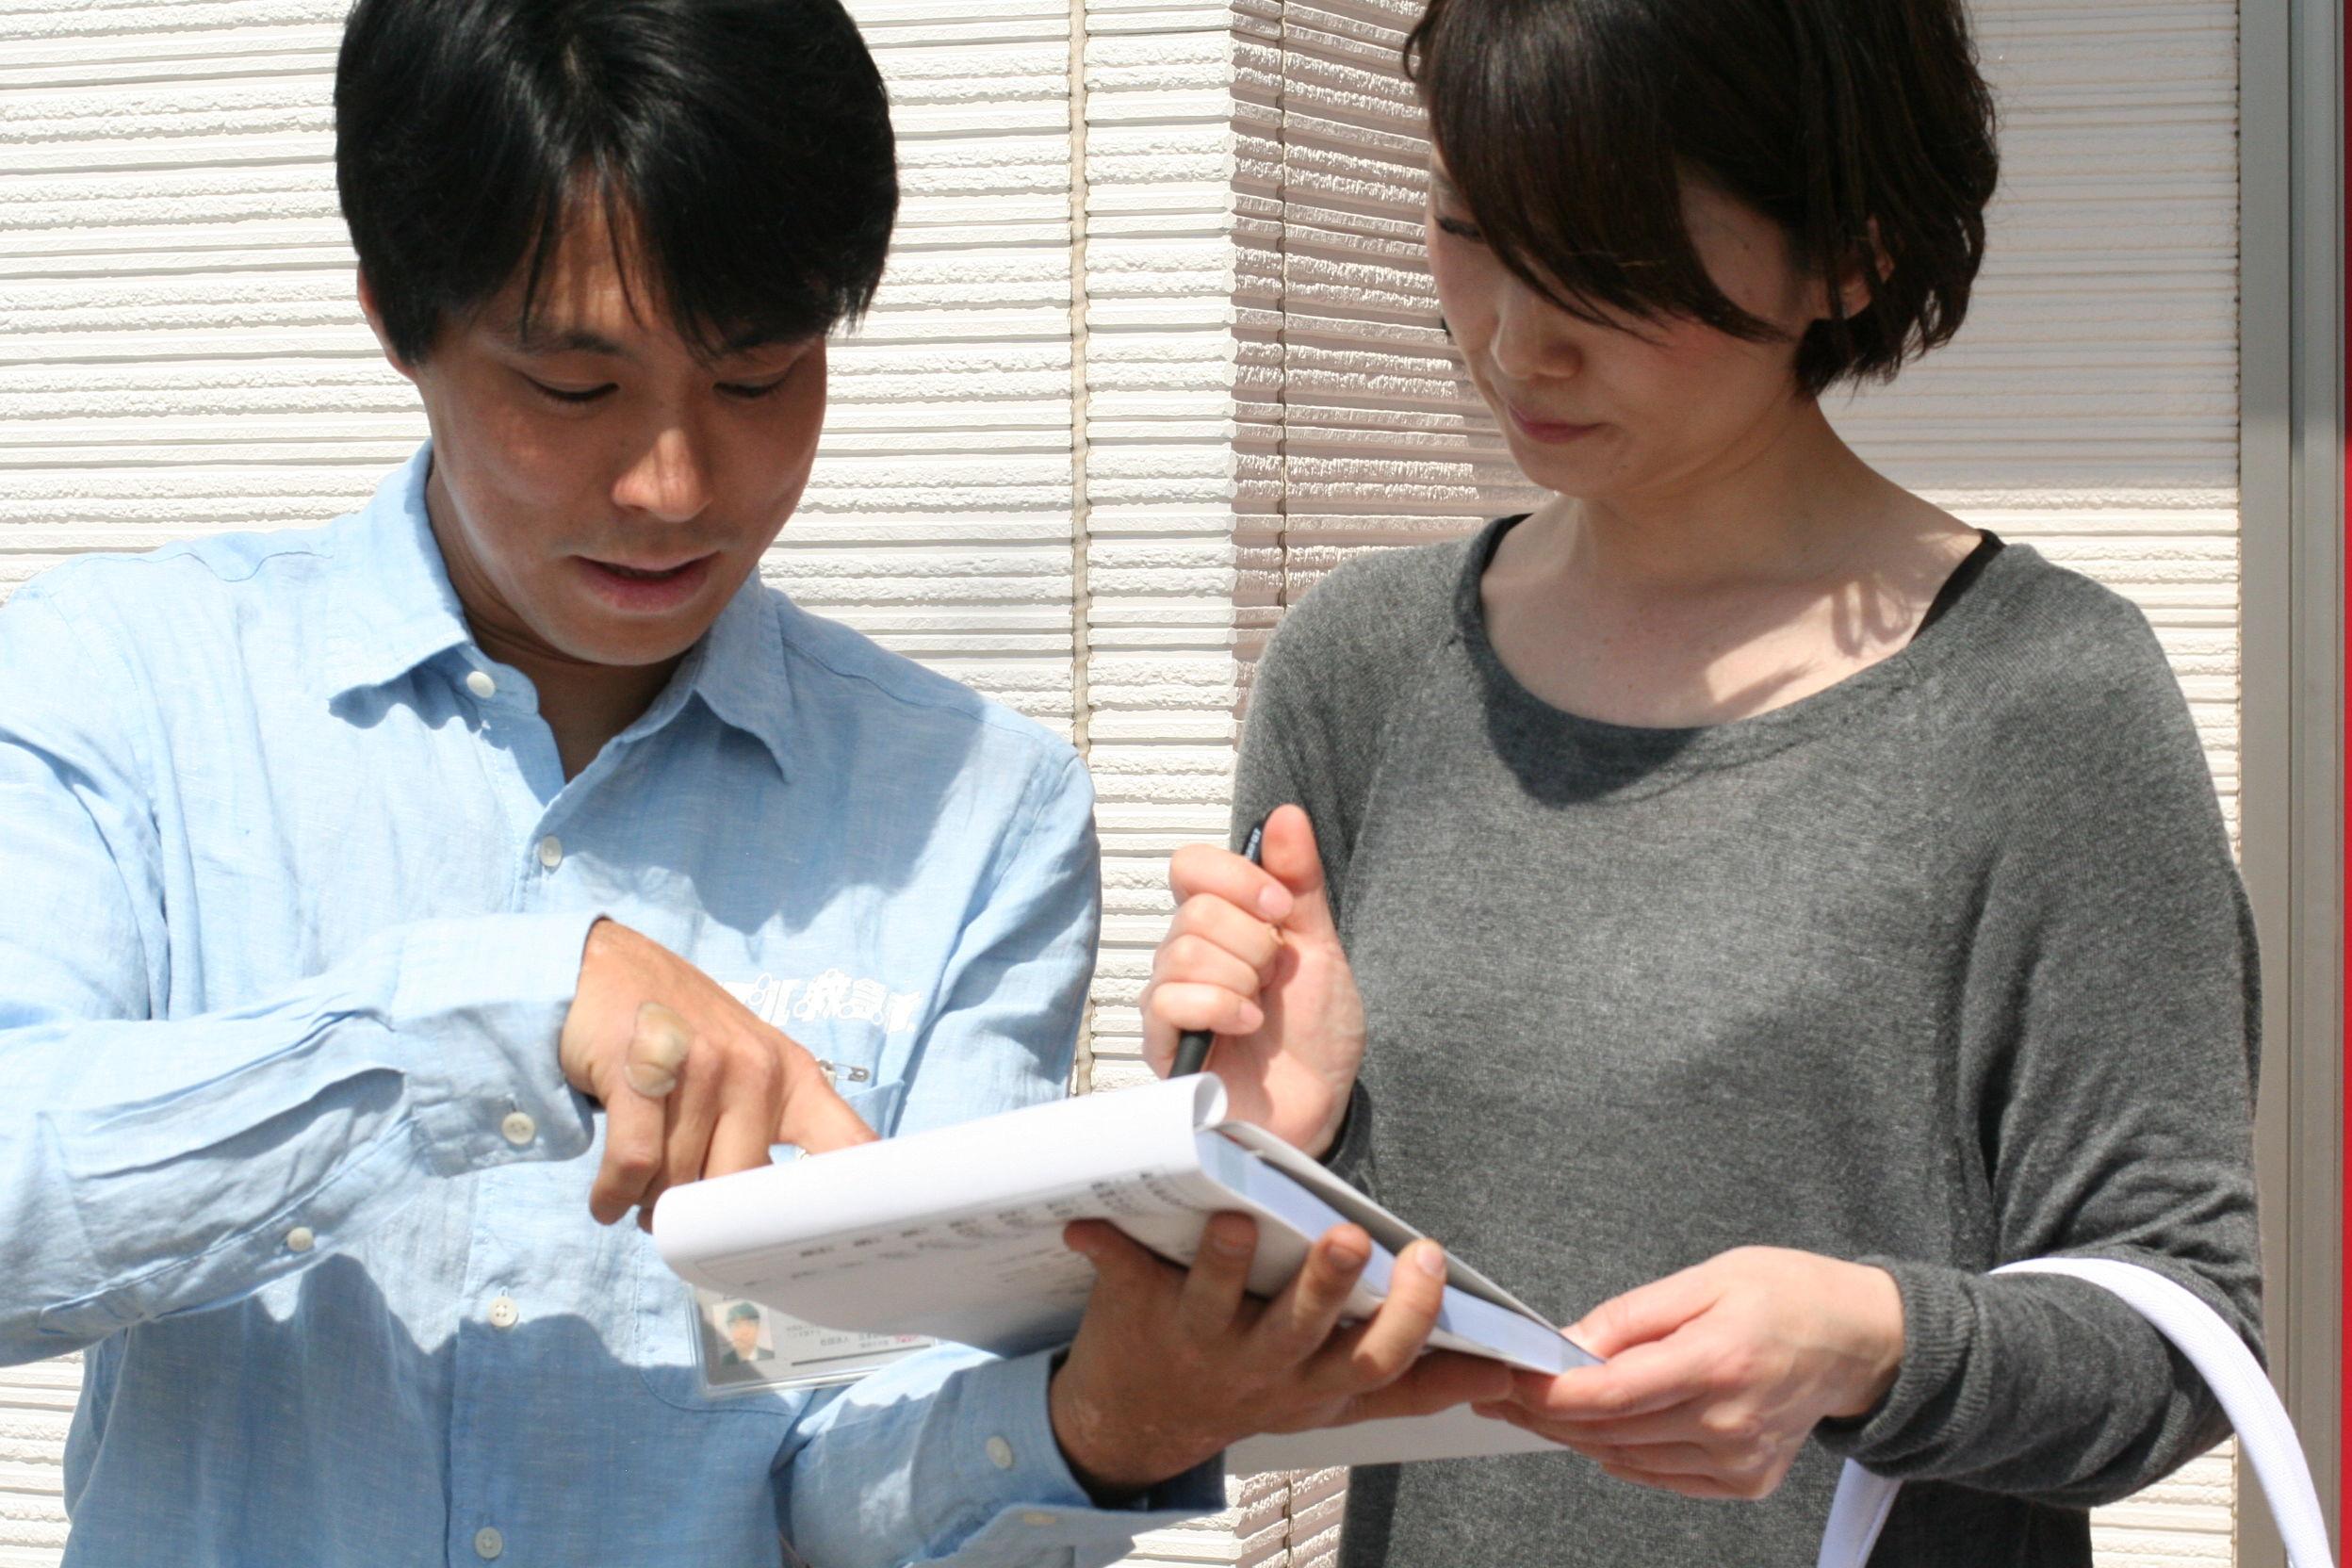 鍵のトラブル救急車【札幌市東区 出張エリア】のメイン画像